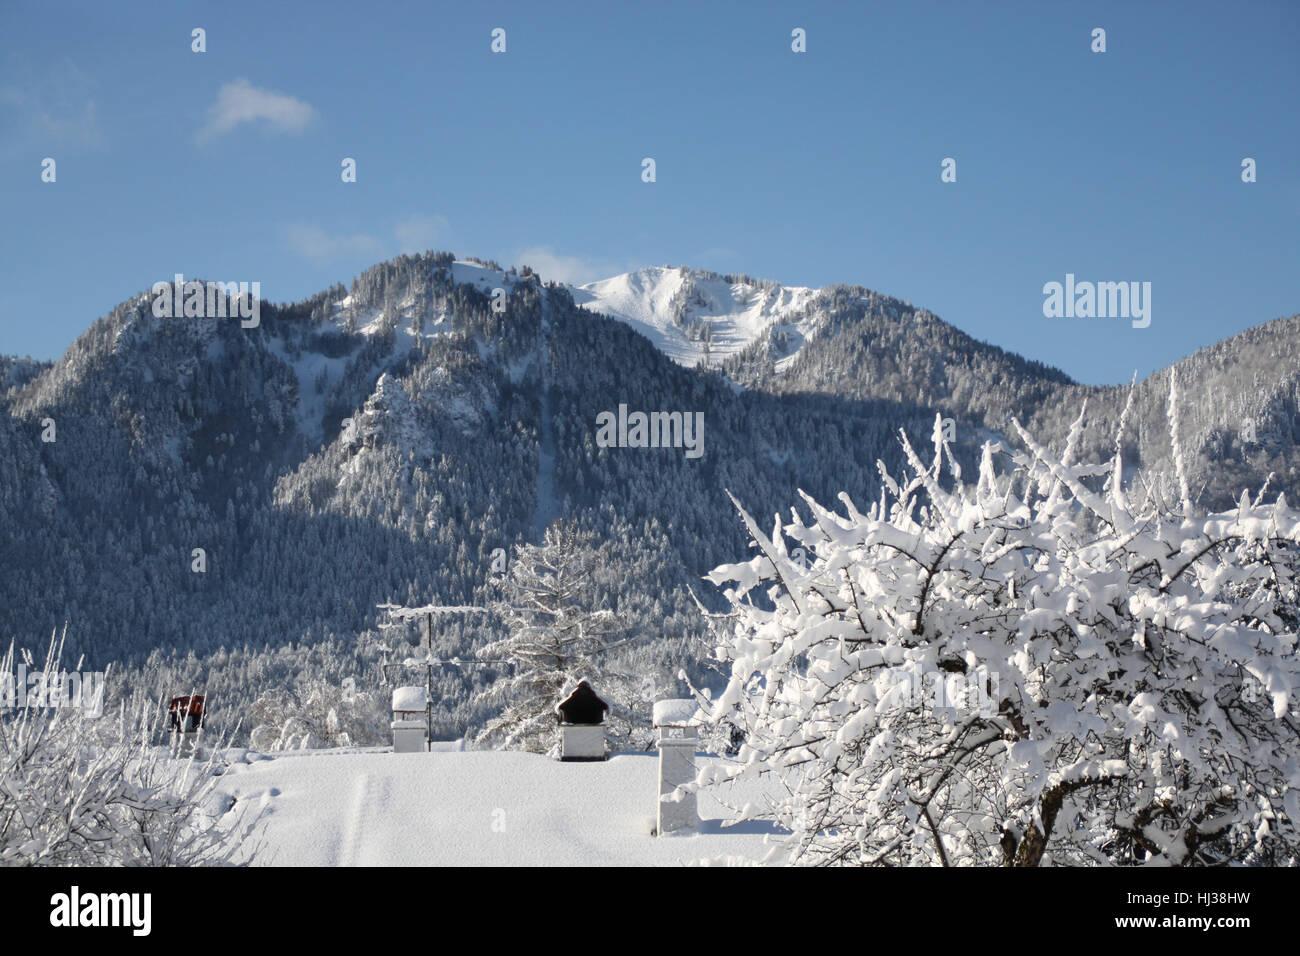 Église, région de ski, sports d'hiver, ferme, vente, communauté, village, marché Banque D'Images